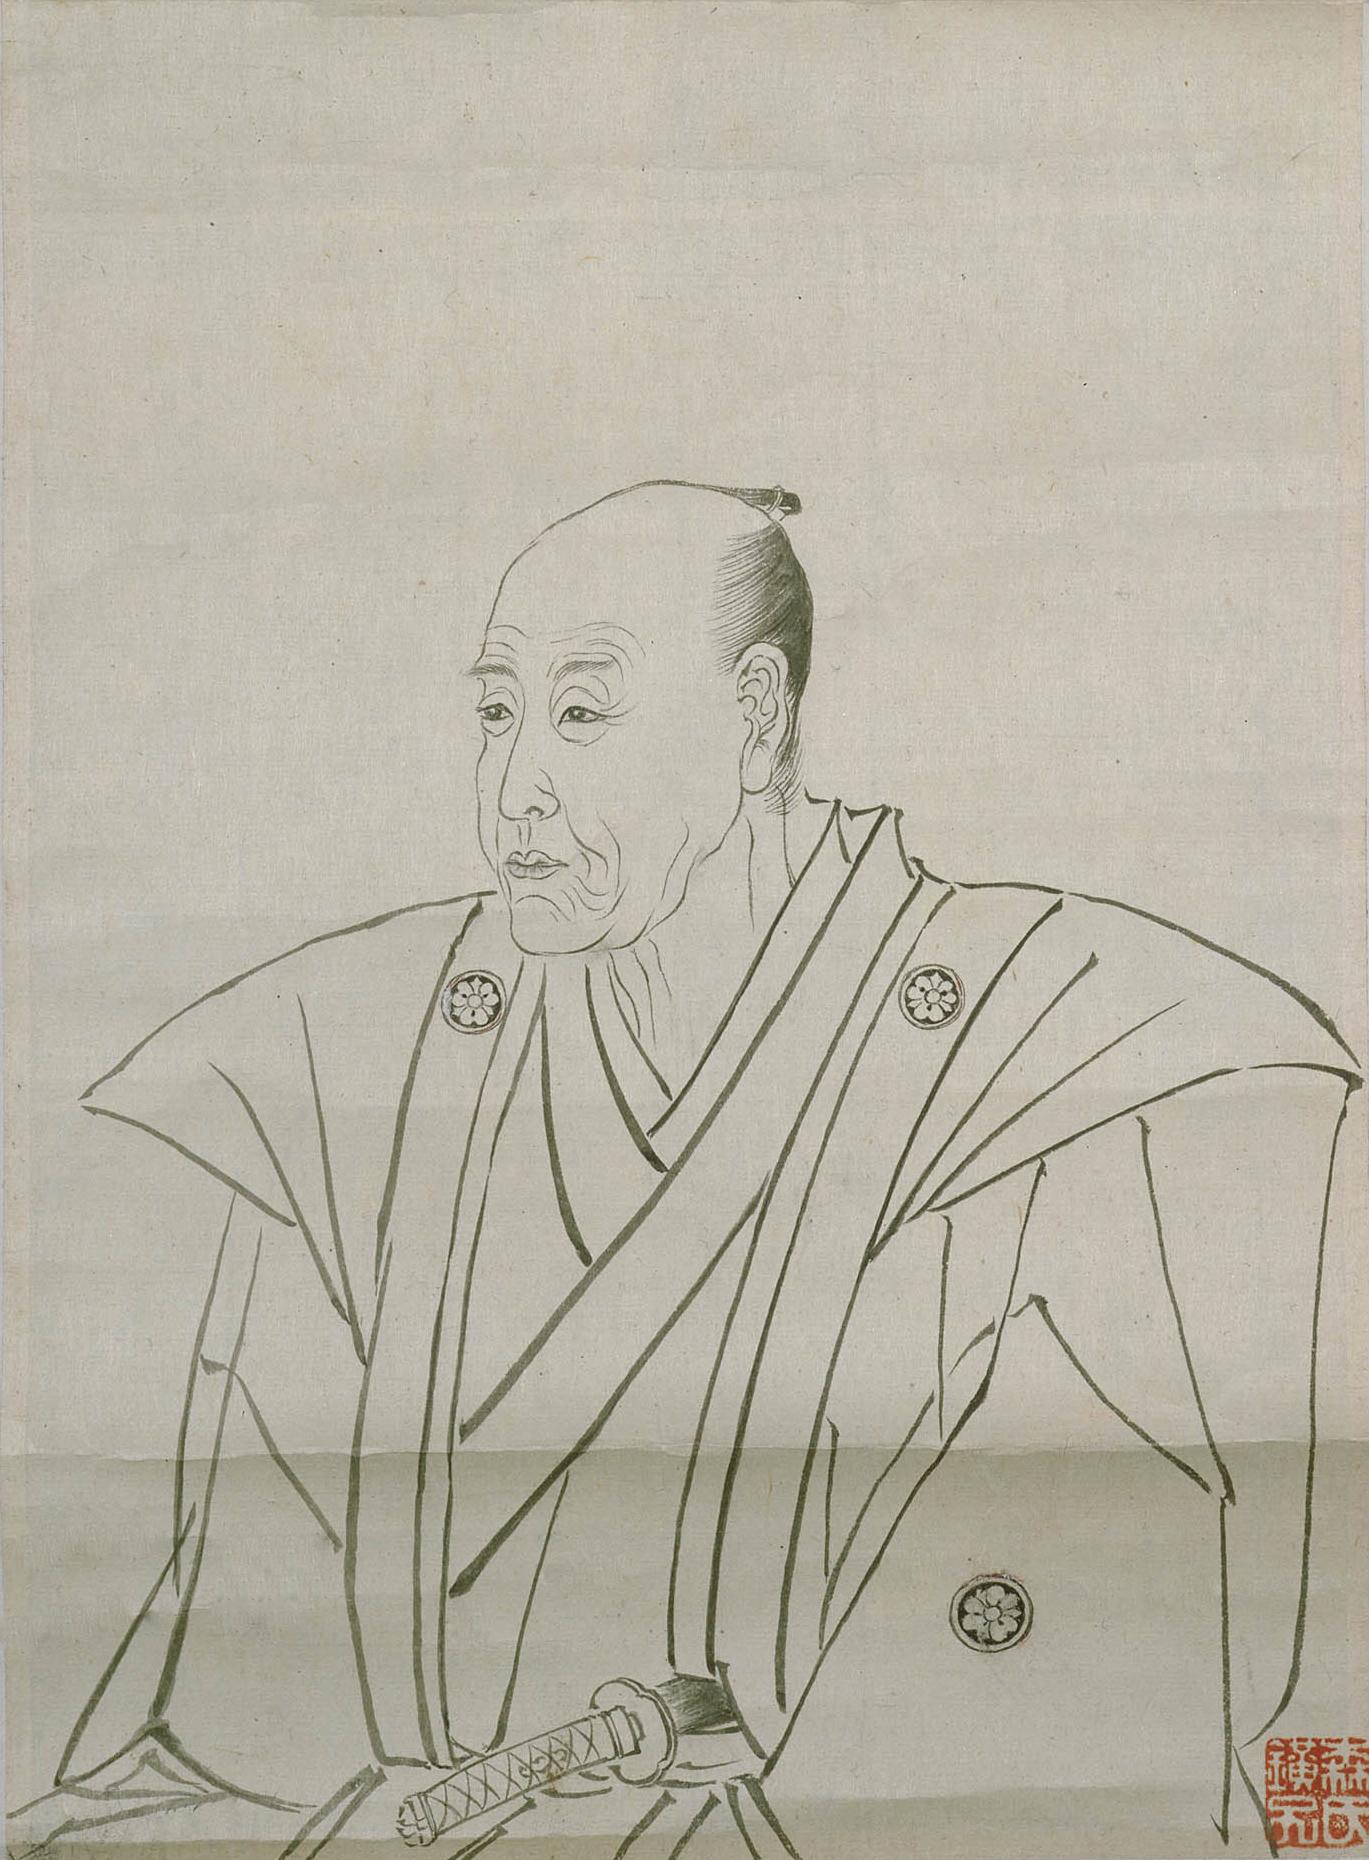 青木昆陽 - Wikipedia